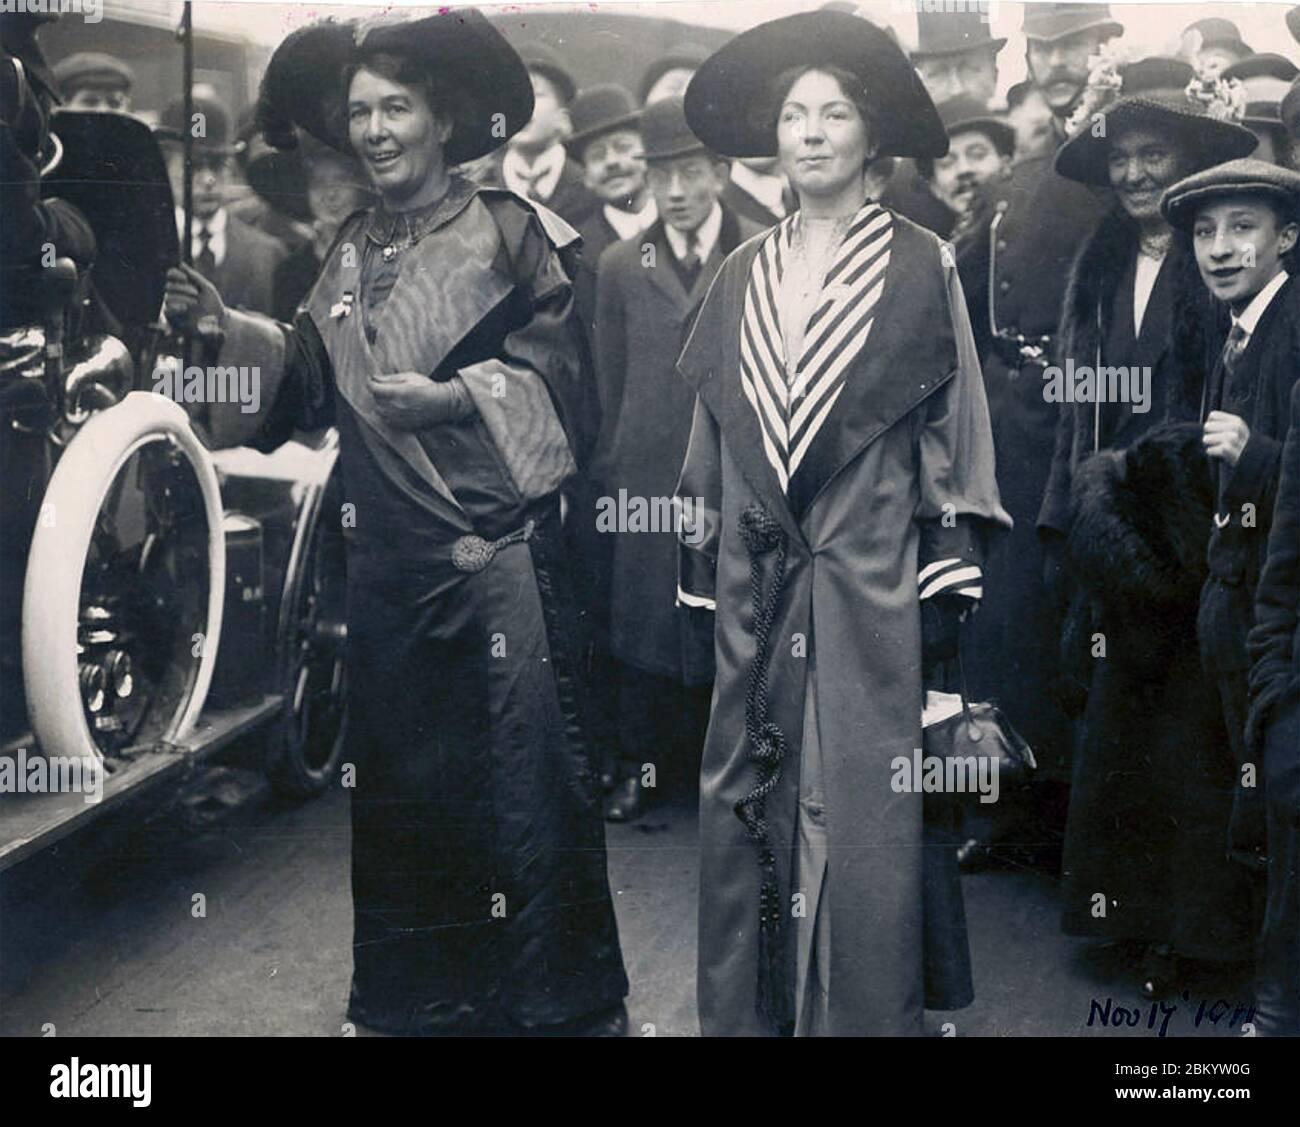 CHRISTABEL PANKHURST rechts mit ihrer Mutter Emmeline. Das Foto der Frauenrechtlerinnen ist auf den 17. November 1911 datiert. Stockfoto